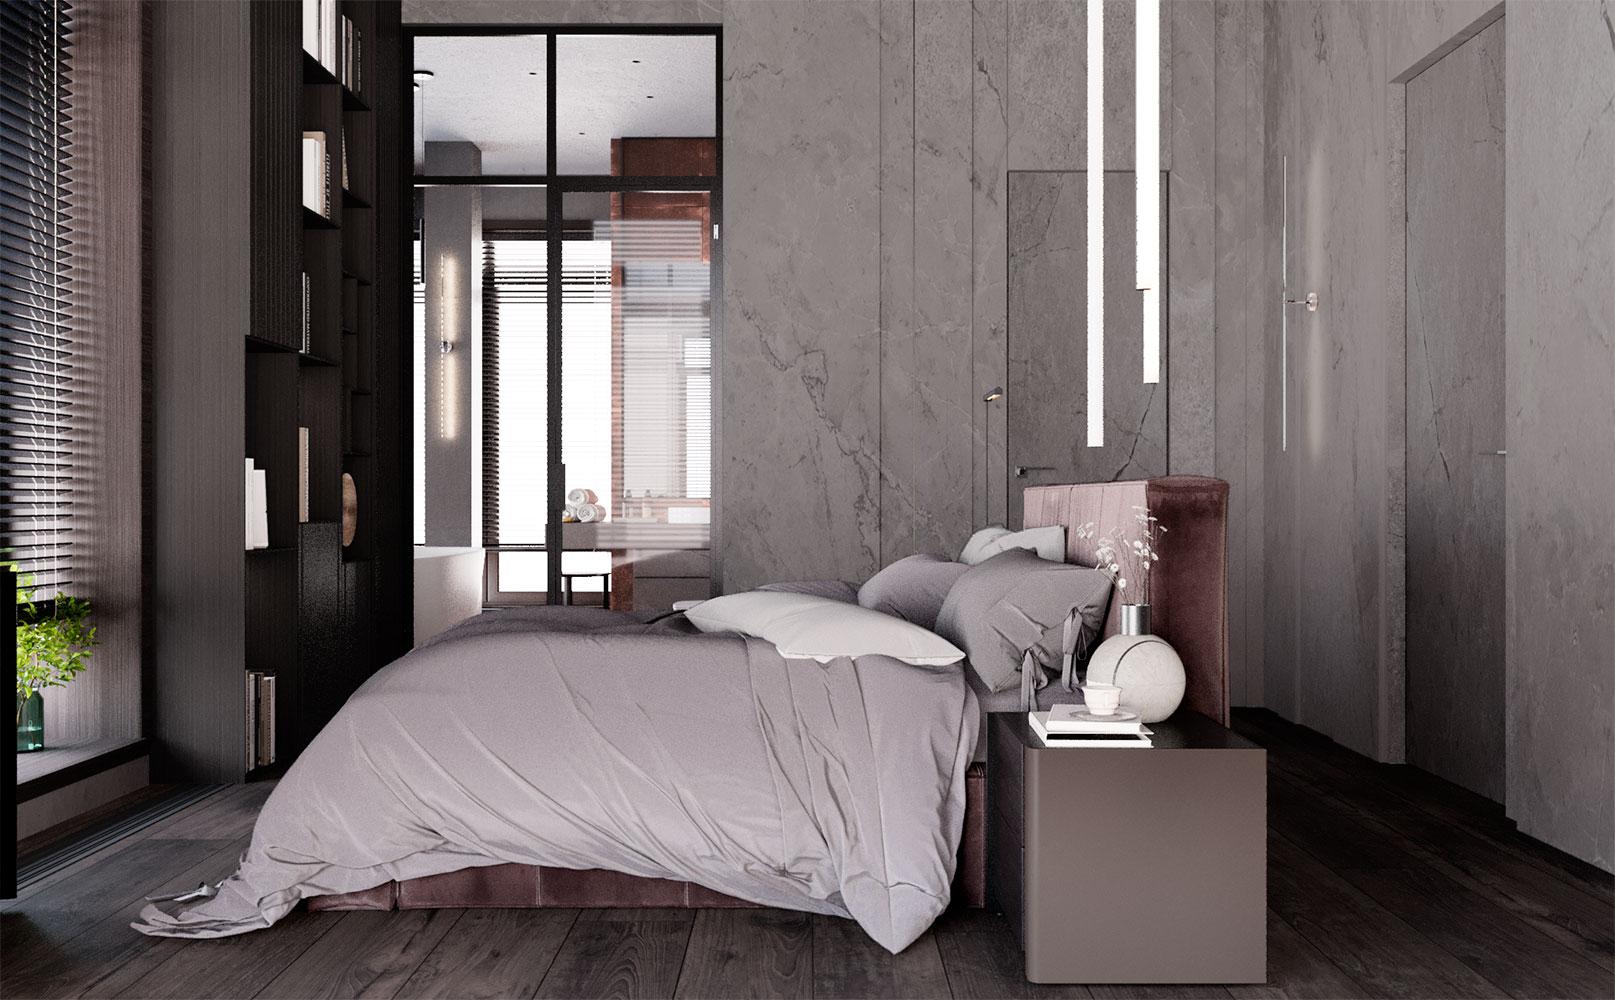 Женская спальня выглядит нежнее и светлее также за счет дополнительной стеклянной стены ванной